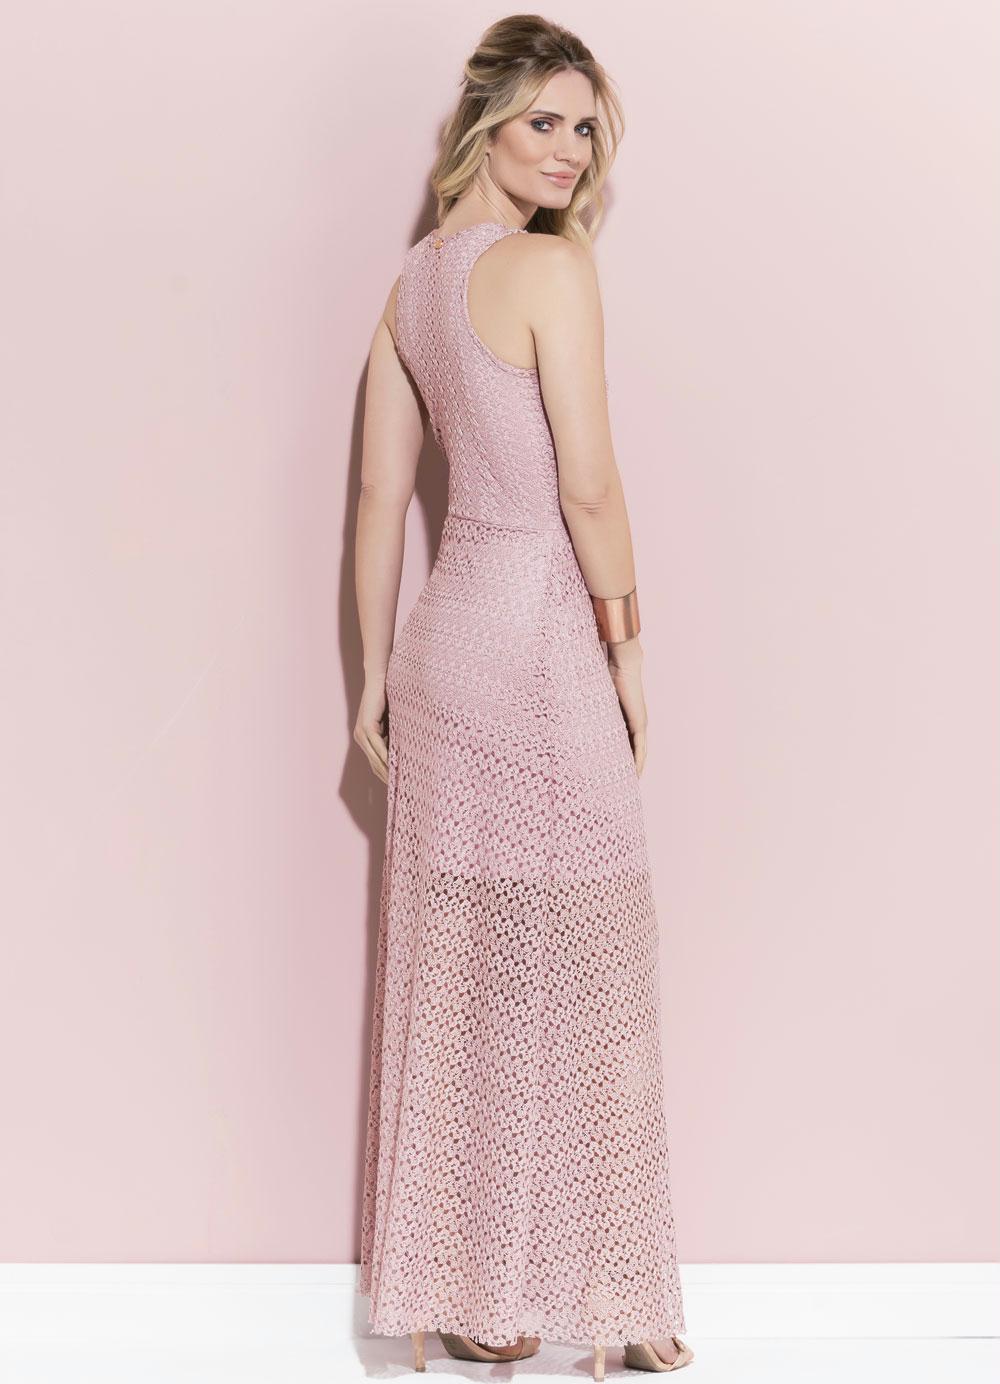 448045fae Vestido Quintess Rose em Renda sem Mangas - Quintess